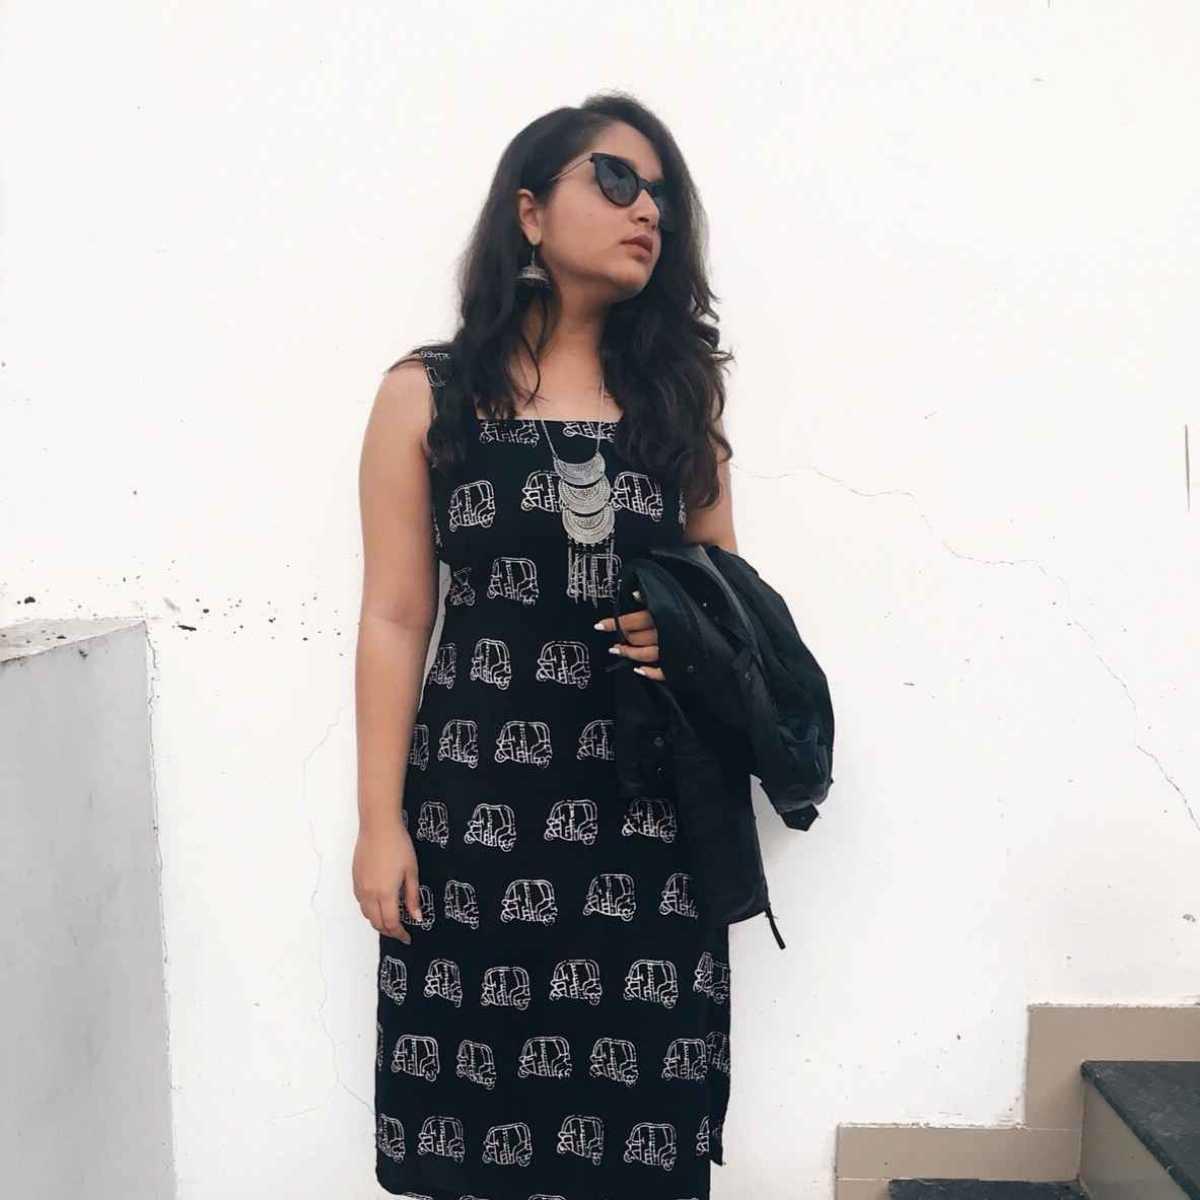 Anuja Parikh